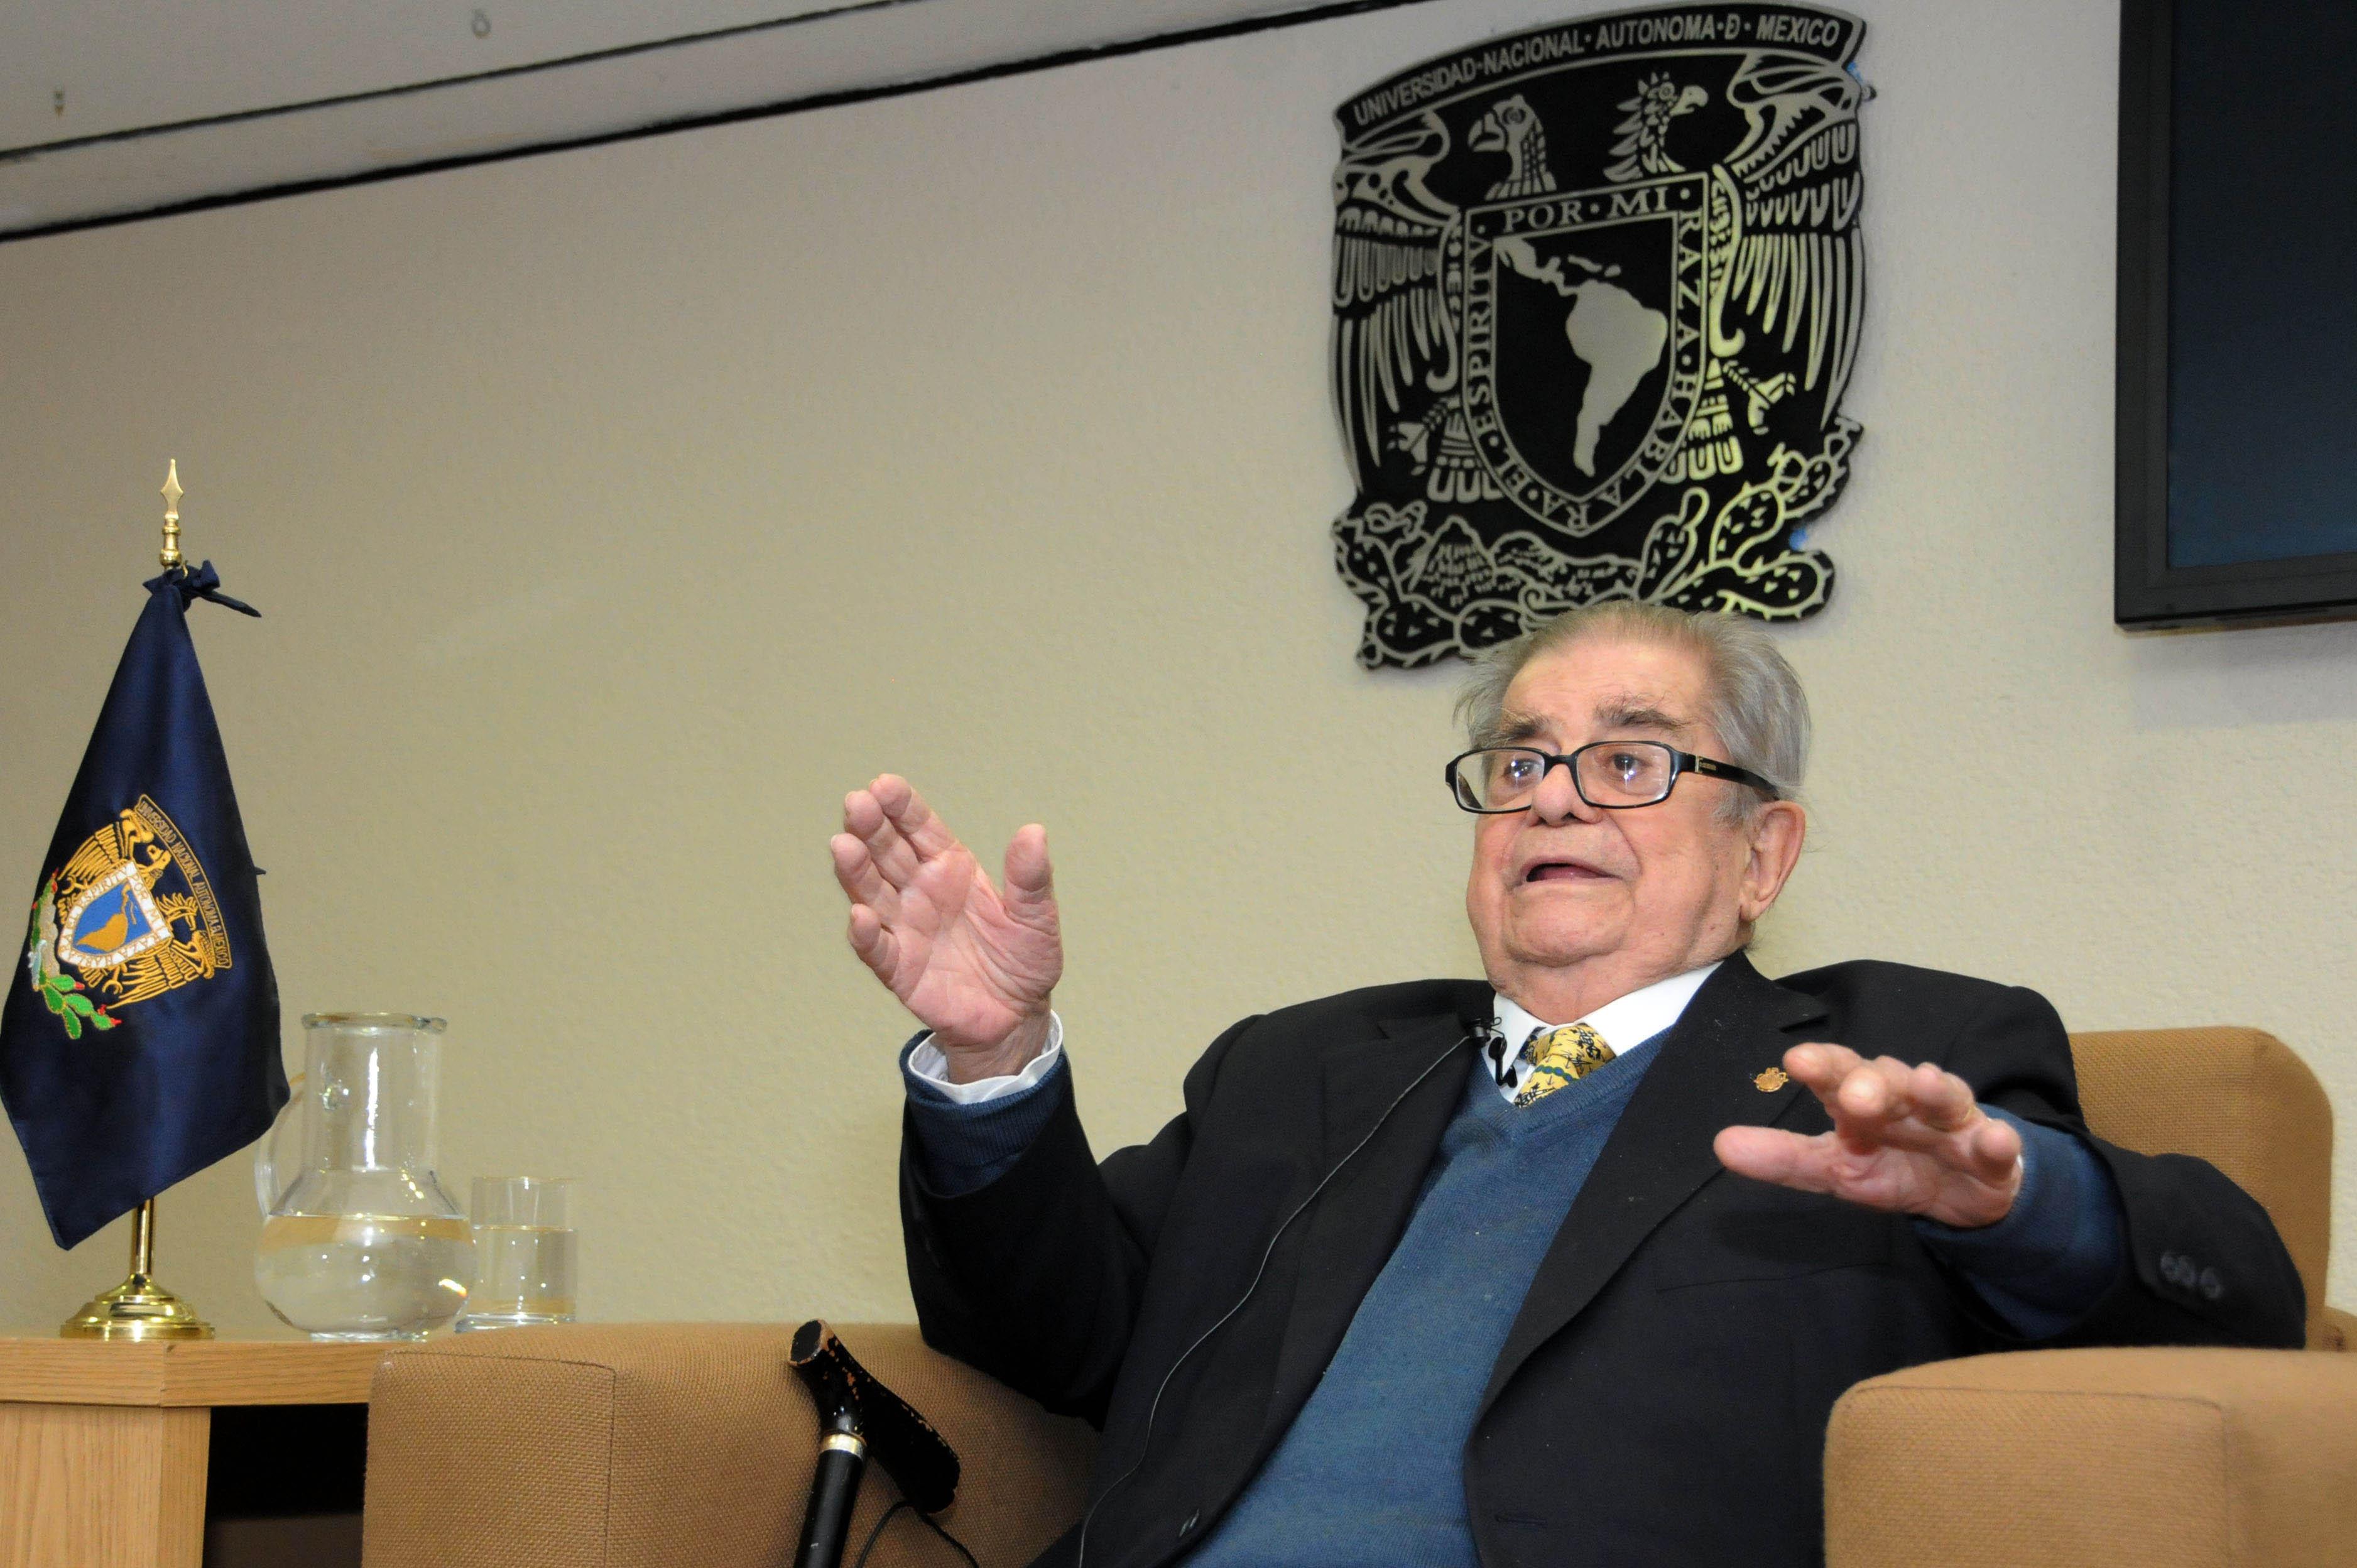 RECIBIRÁ MIGUEL LEÓN-PORTILLA EN LA UNAM, DOCTORADO HONORIS CAUSA POR LA UNIVERSIDAD DE SEVILLA